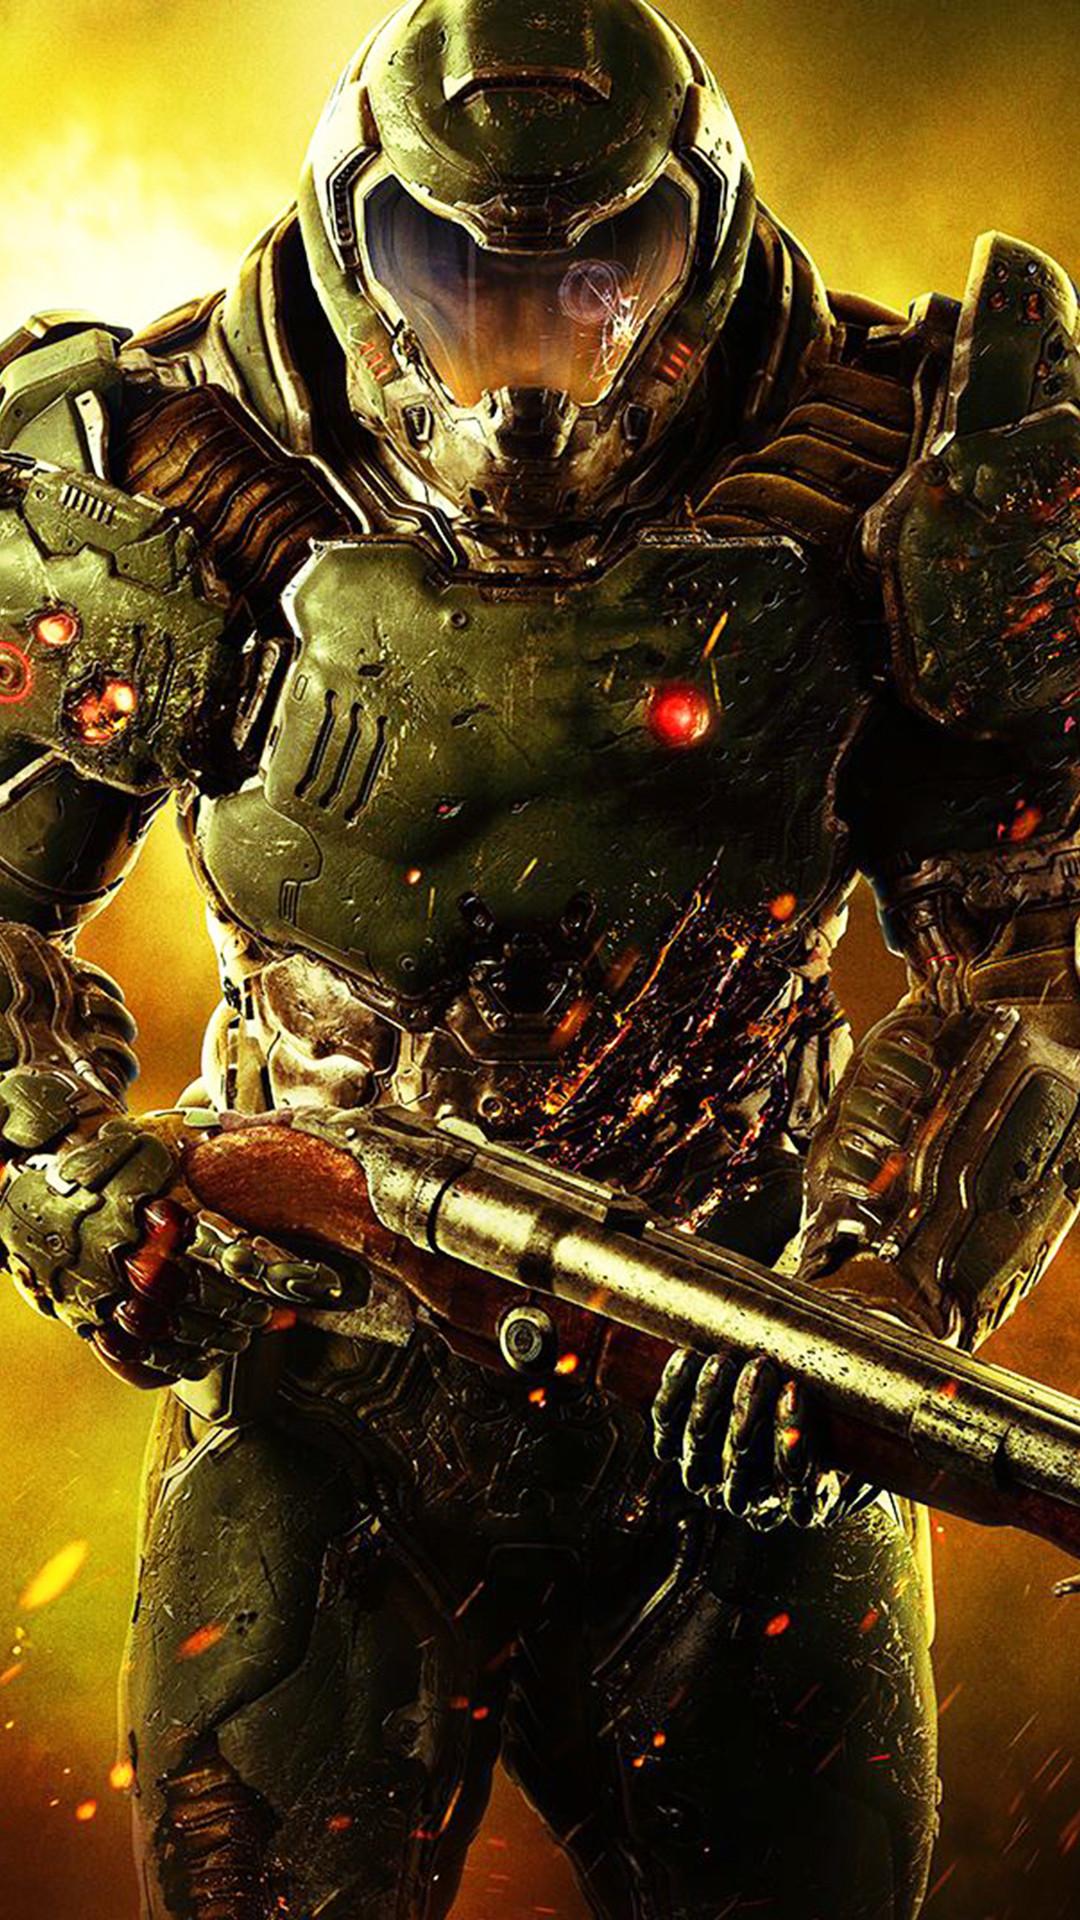 Doom Wallpaper Hd Doom 4k Wallpaper 59 Images